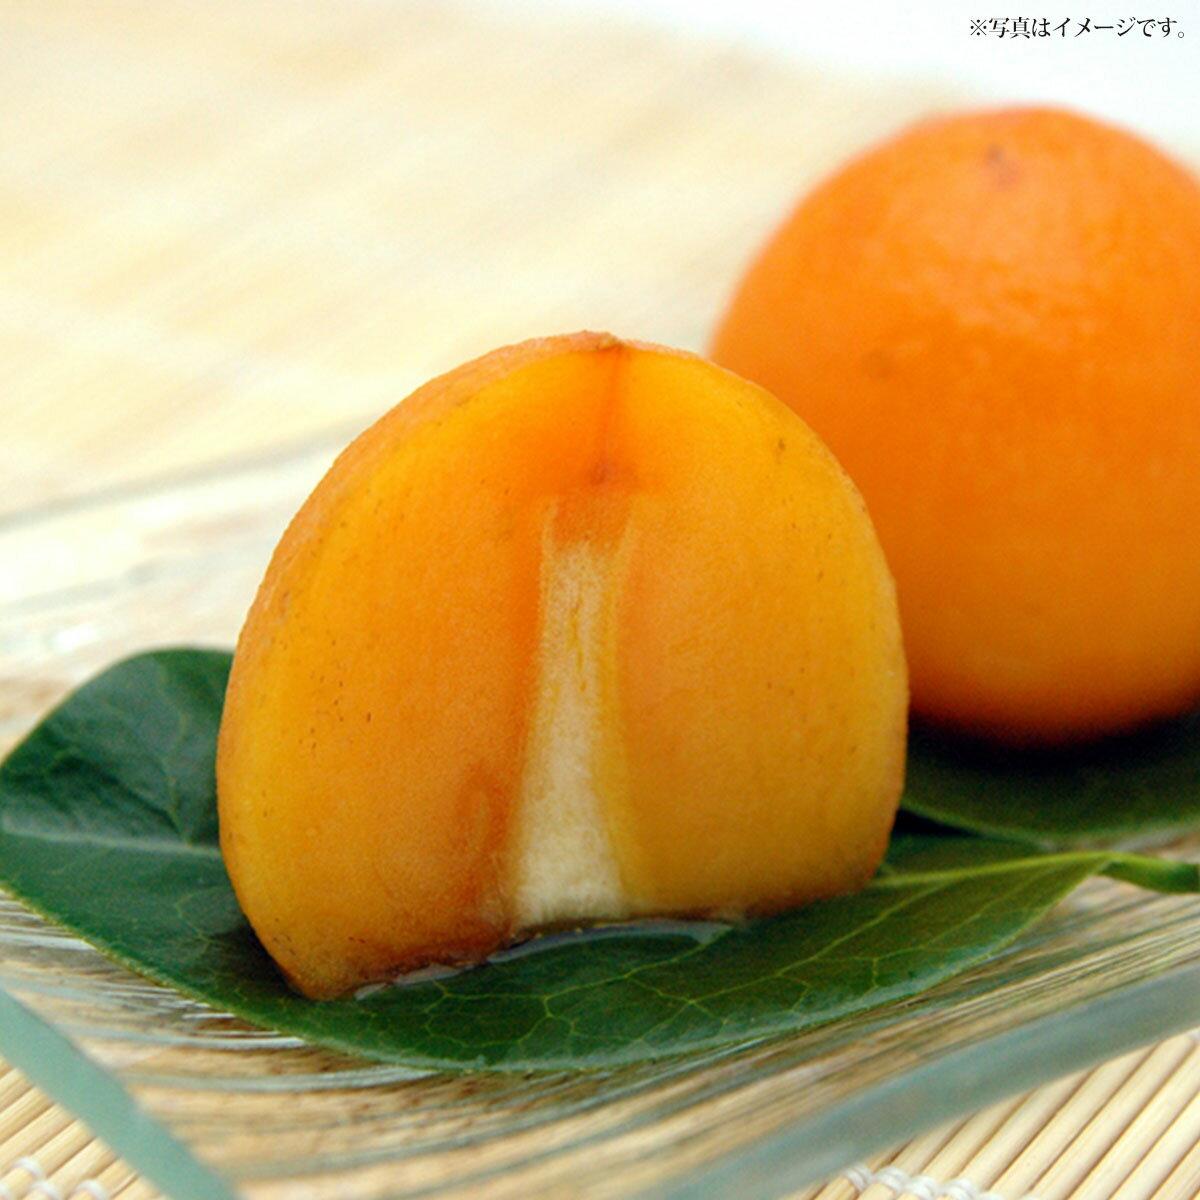 フルーツ・果物, 柿